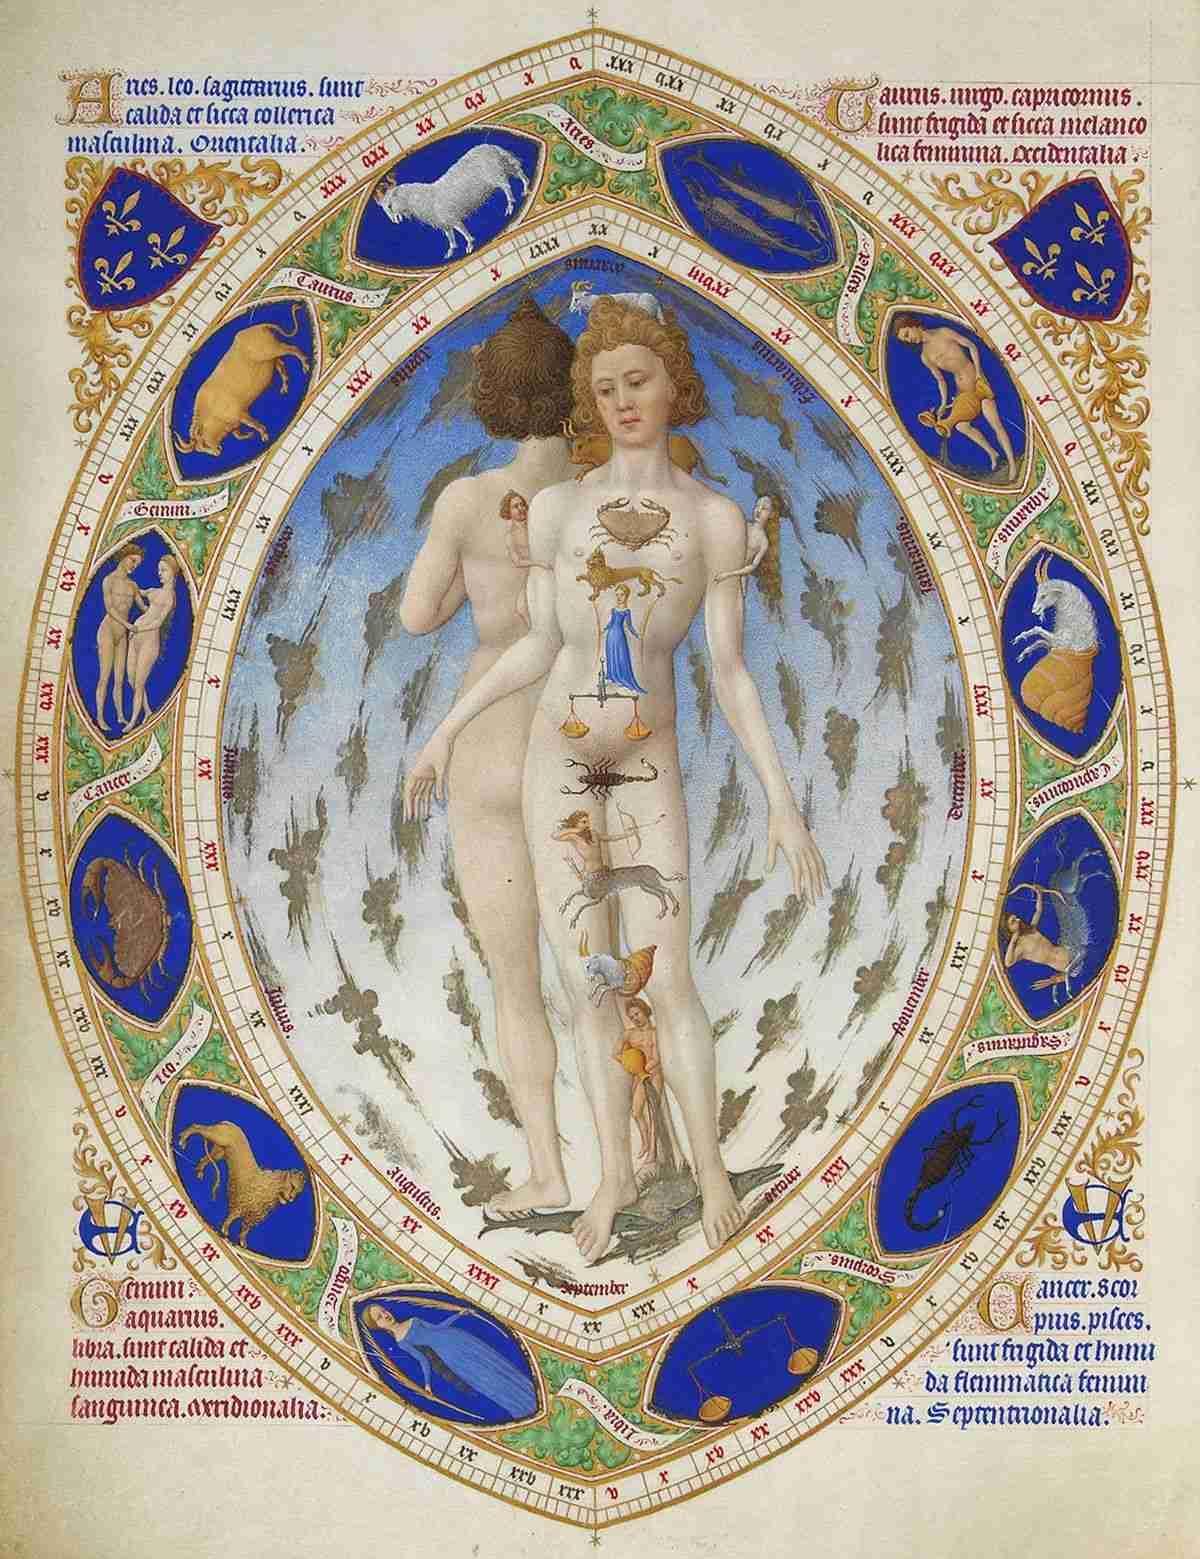 西洋占星術 - Wikipedia